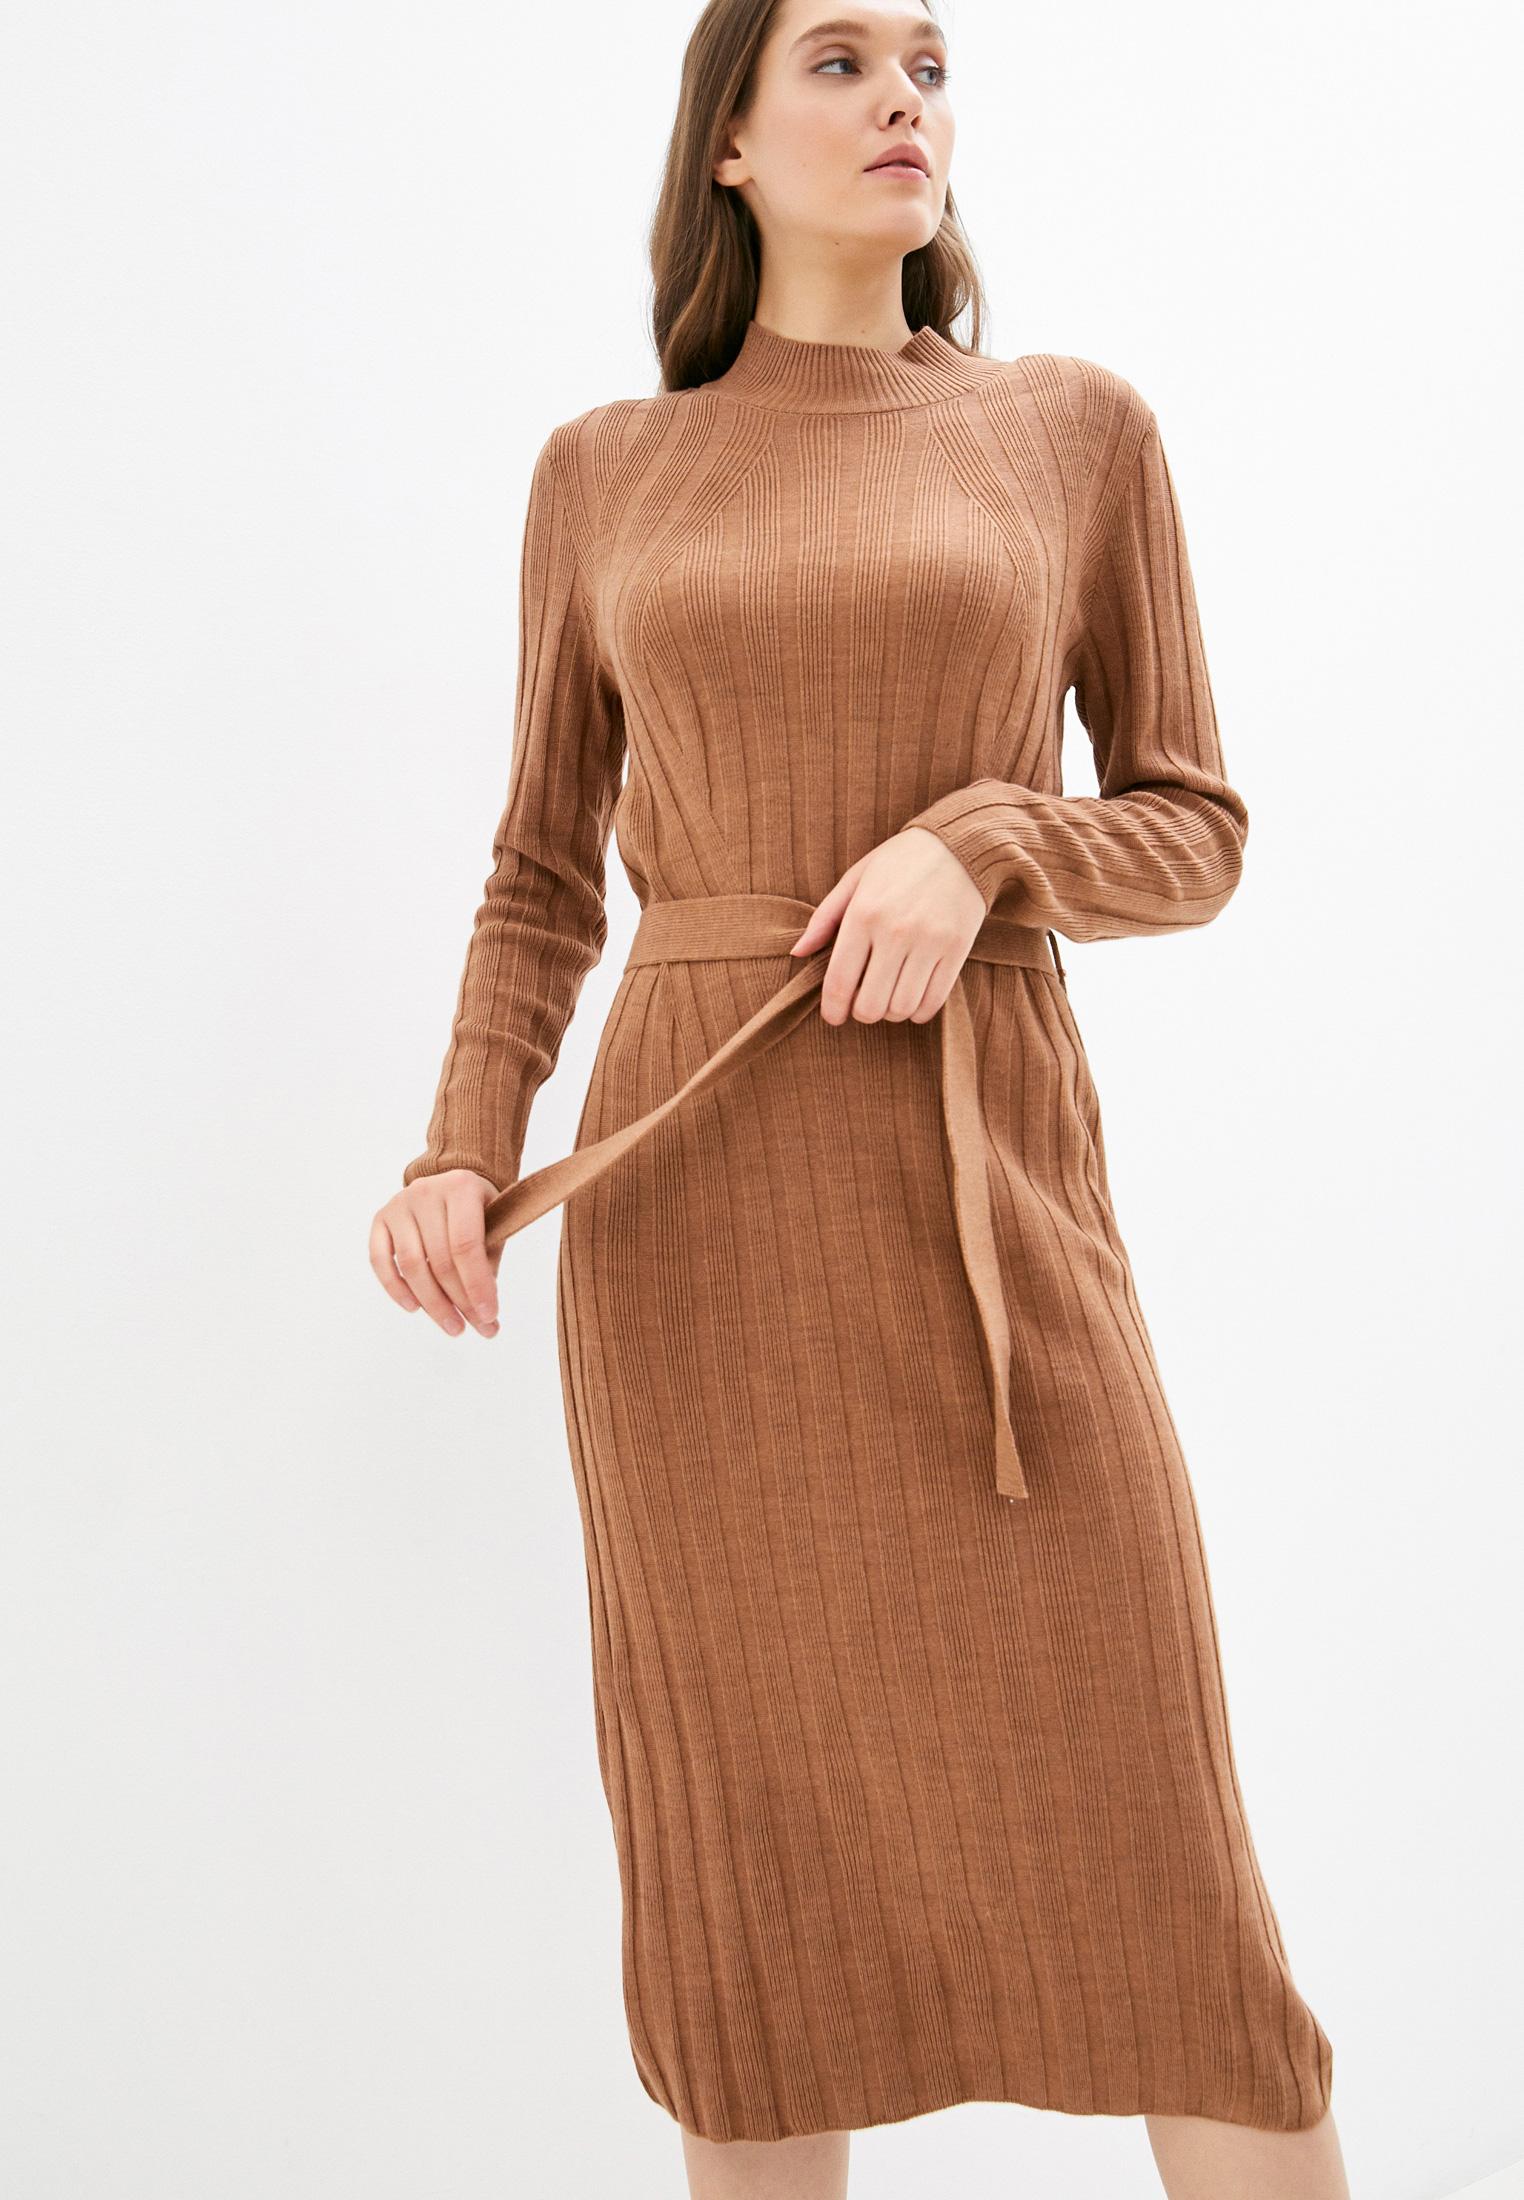 Вязаное платье Only (Онли) Платье Only